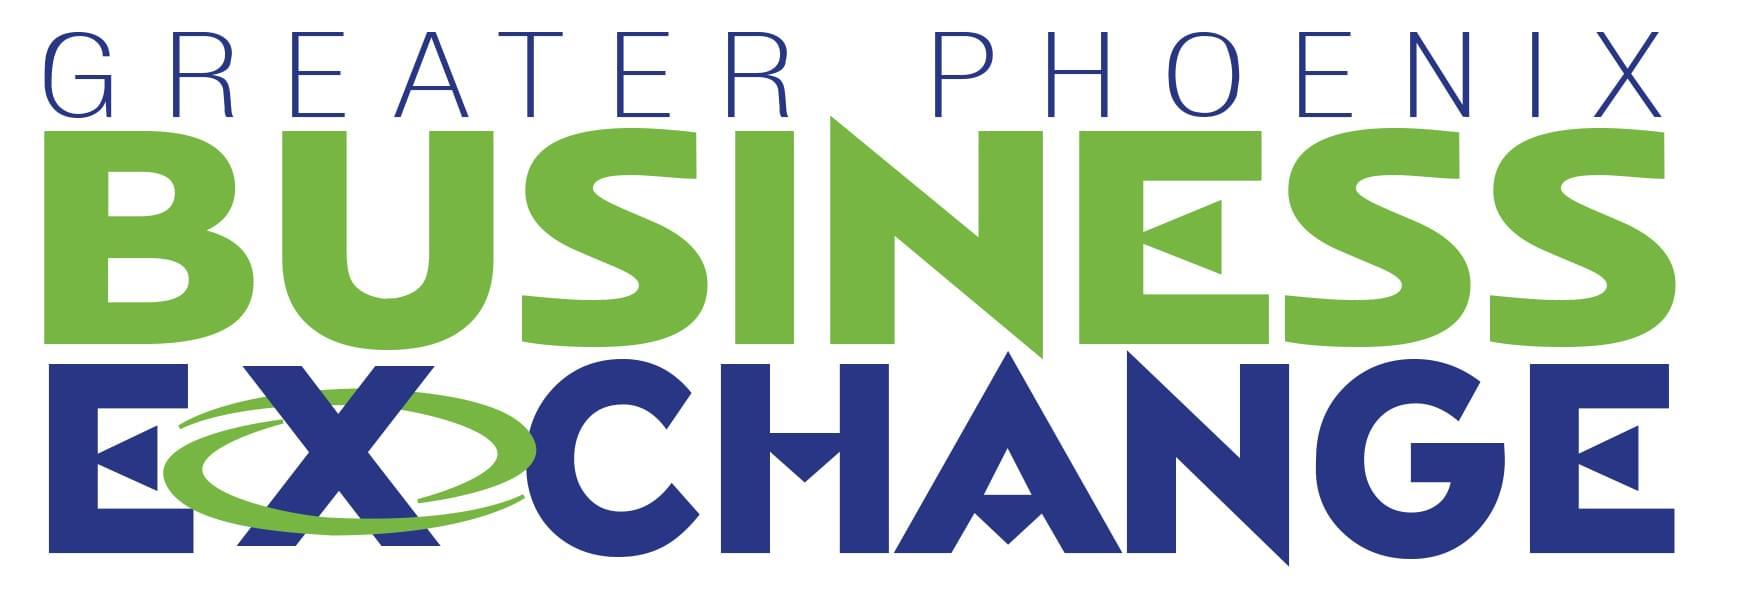 Greater Phoenix Business Exchange